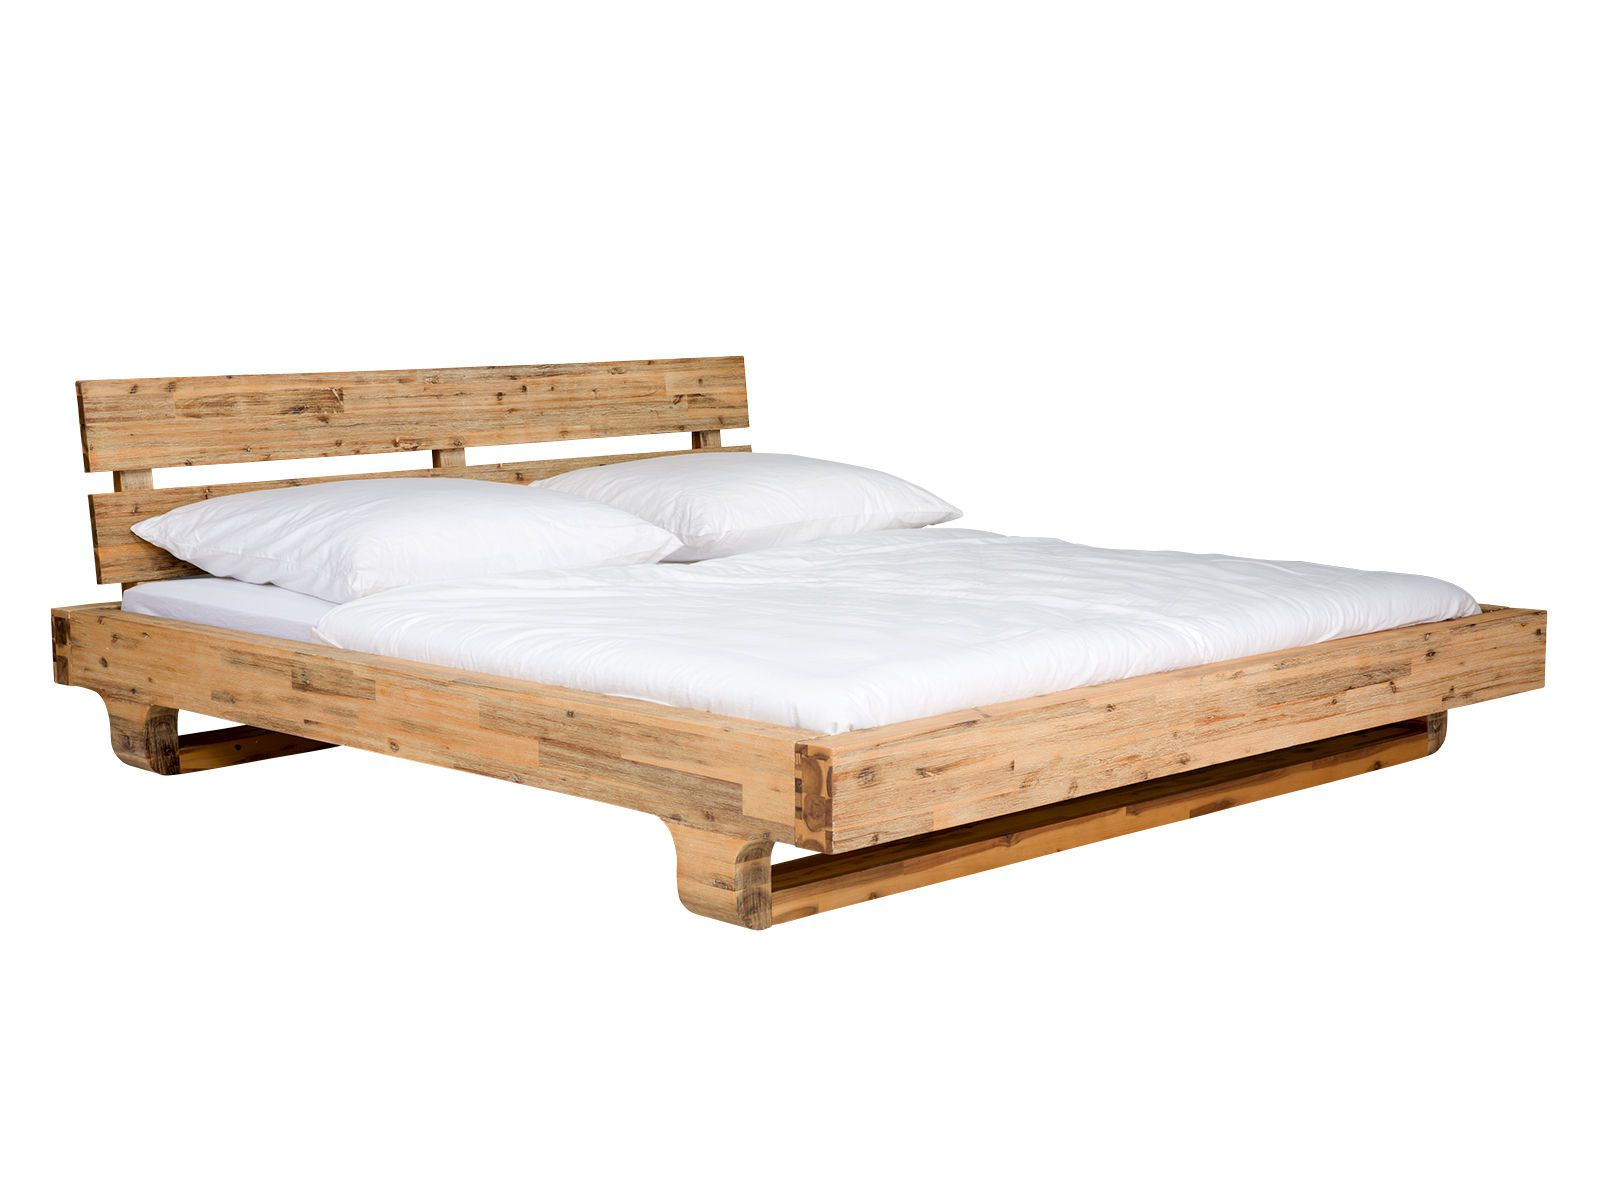 Full Size of Trends Betten Rauch 140x200 90x200 Für übergewichtige Bock Hasena Hohe Mannheim Weiße 200x220 Ohne Kopfteil Günstige Joop Kaufen Massivholz überlänge Bett Betten 200x220